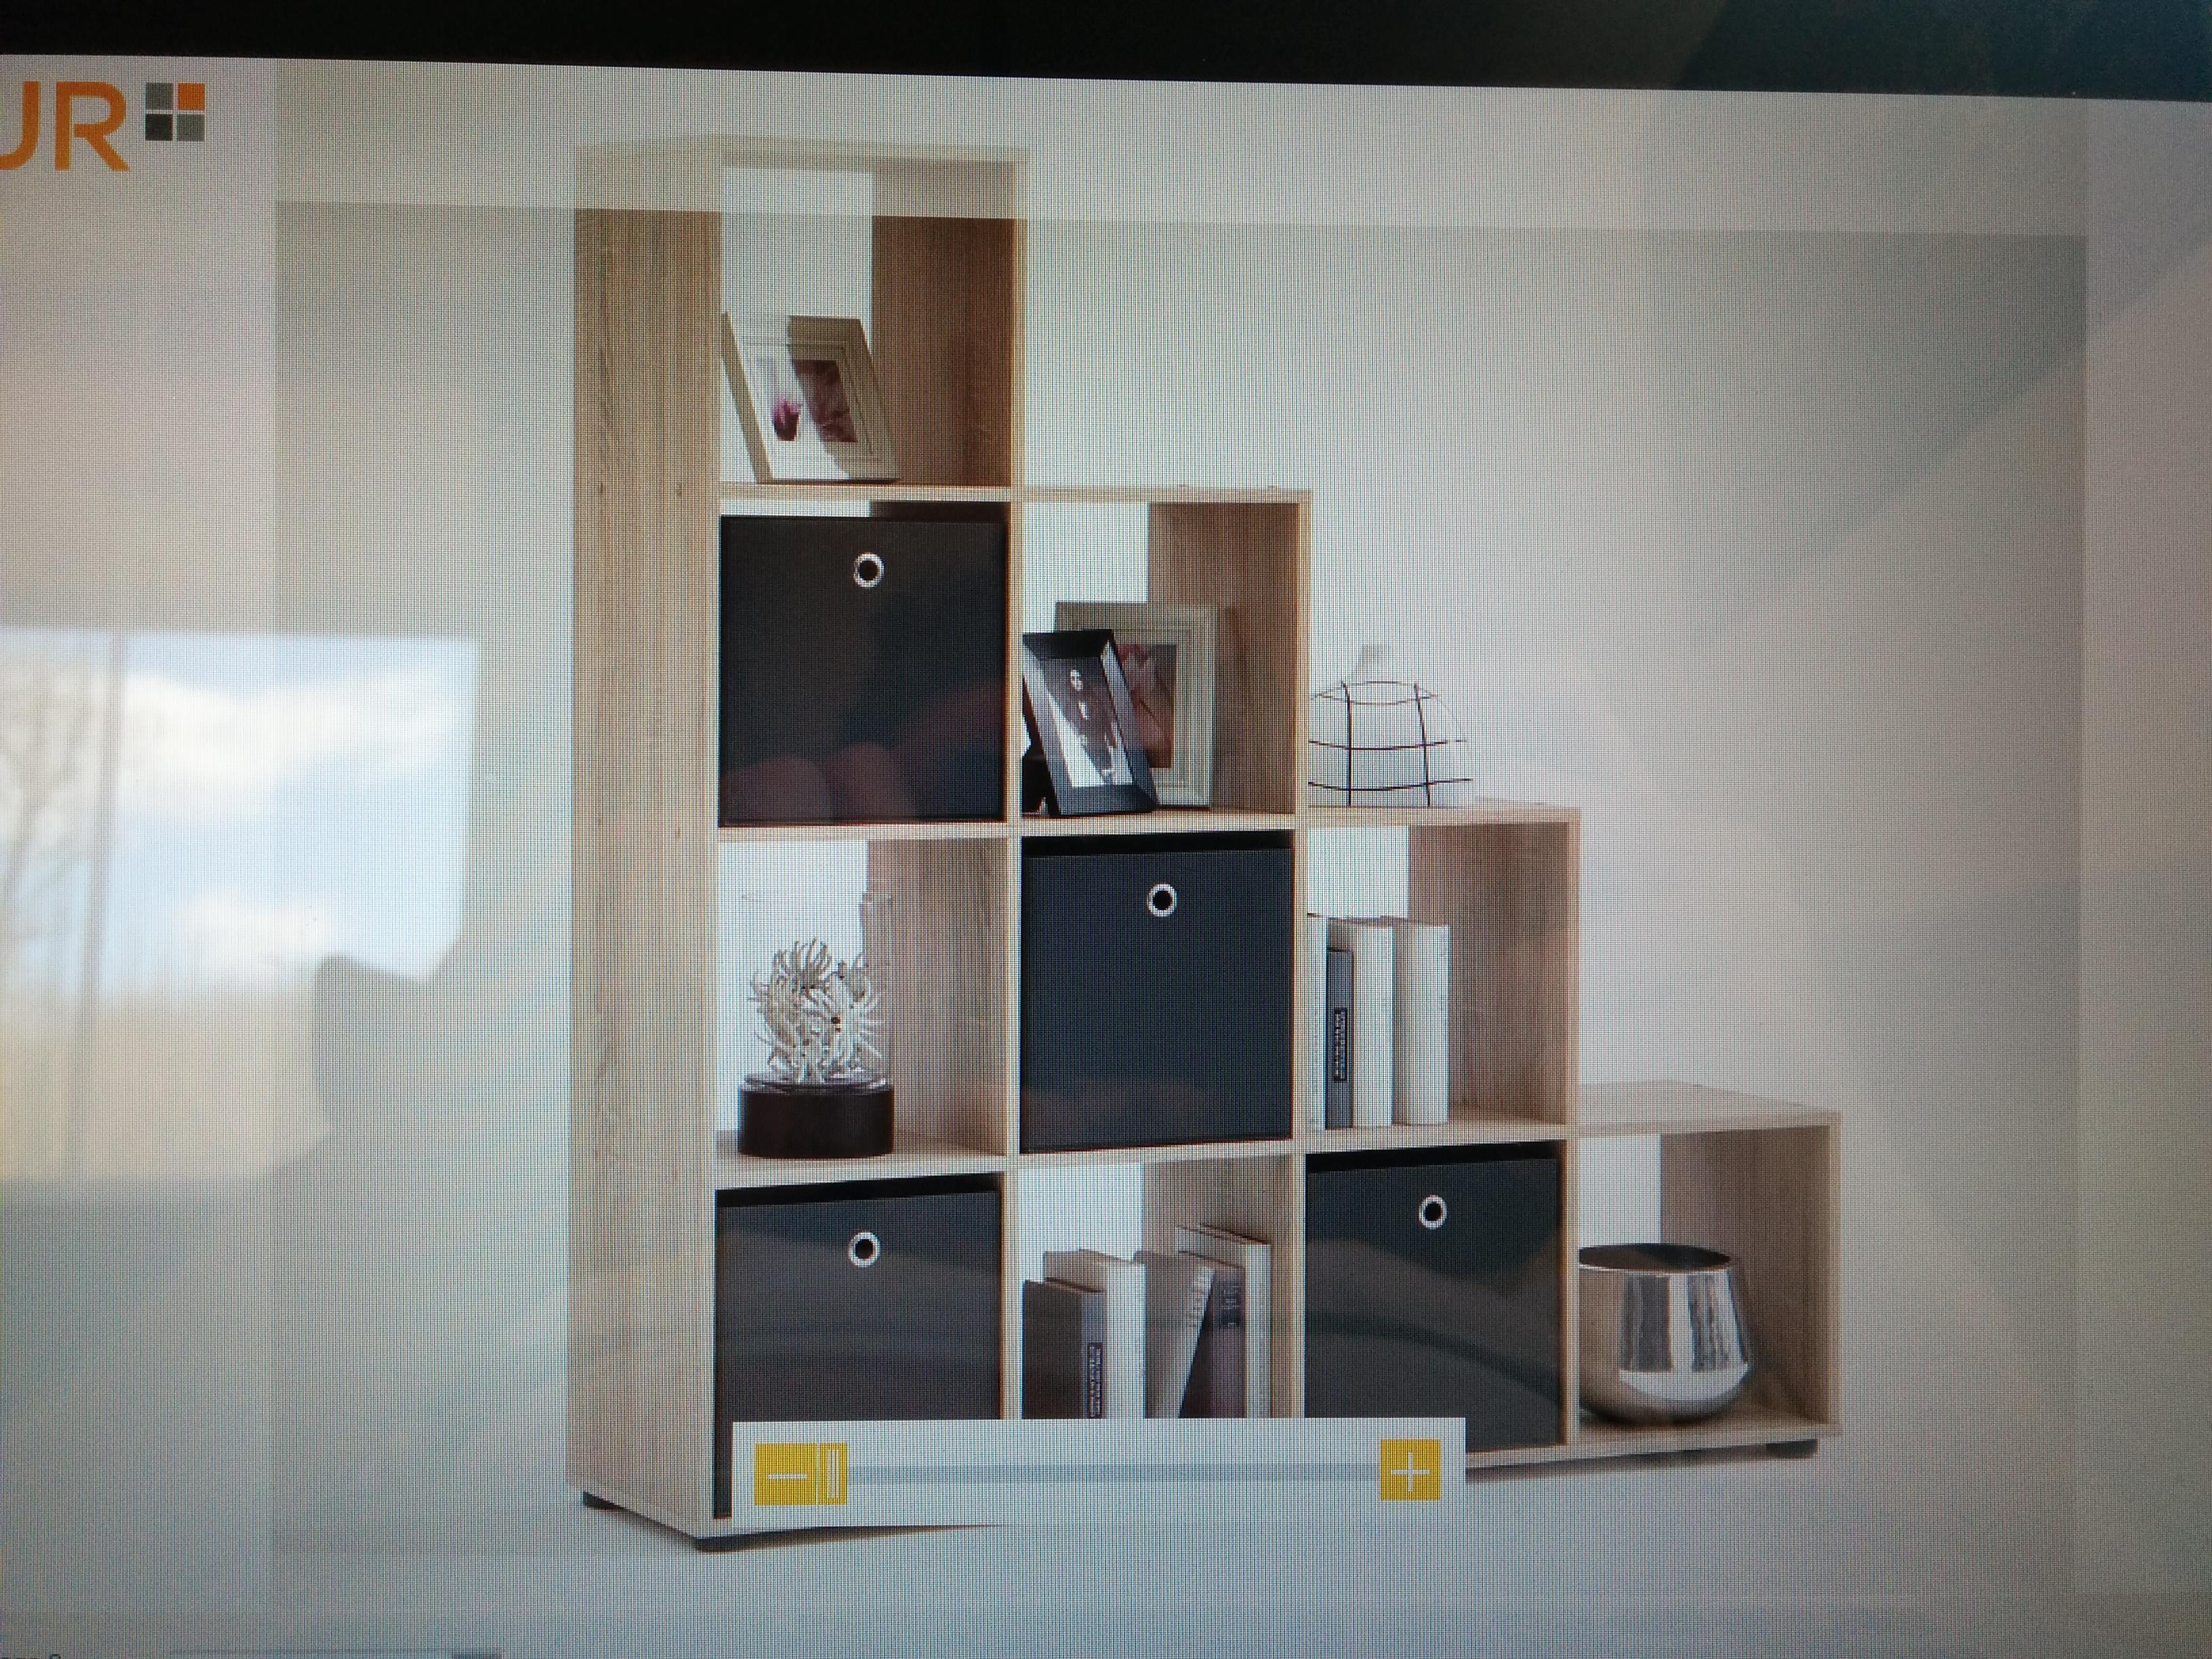 Thread 1 Zimmer Wohnung Einrichten Readmore, Image Source: Readmore.de